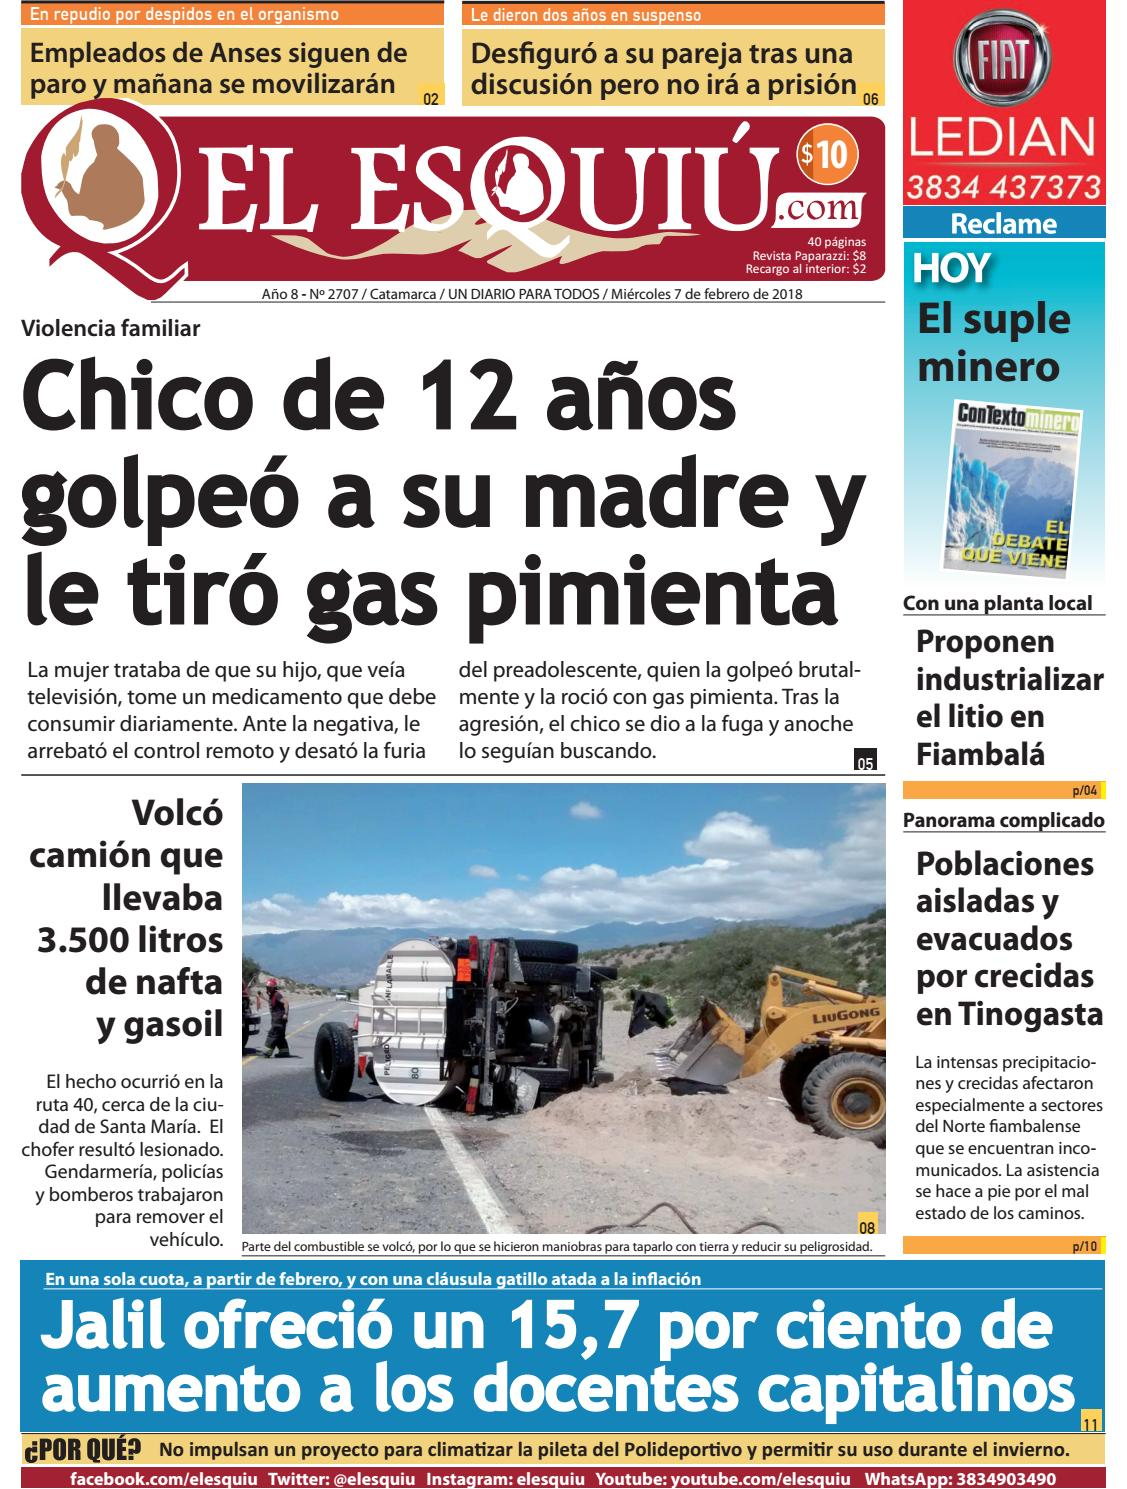 El Esquiu.com, miércoles 7 de febrero de 2018 by Editorial El Esquiú ...